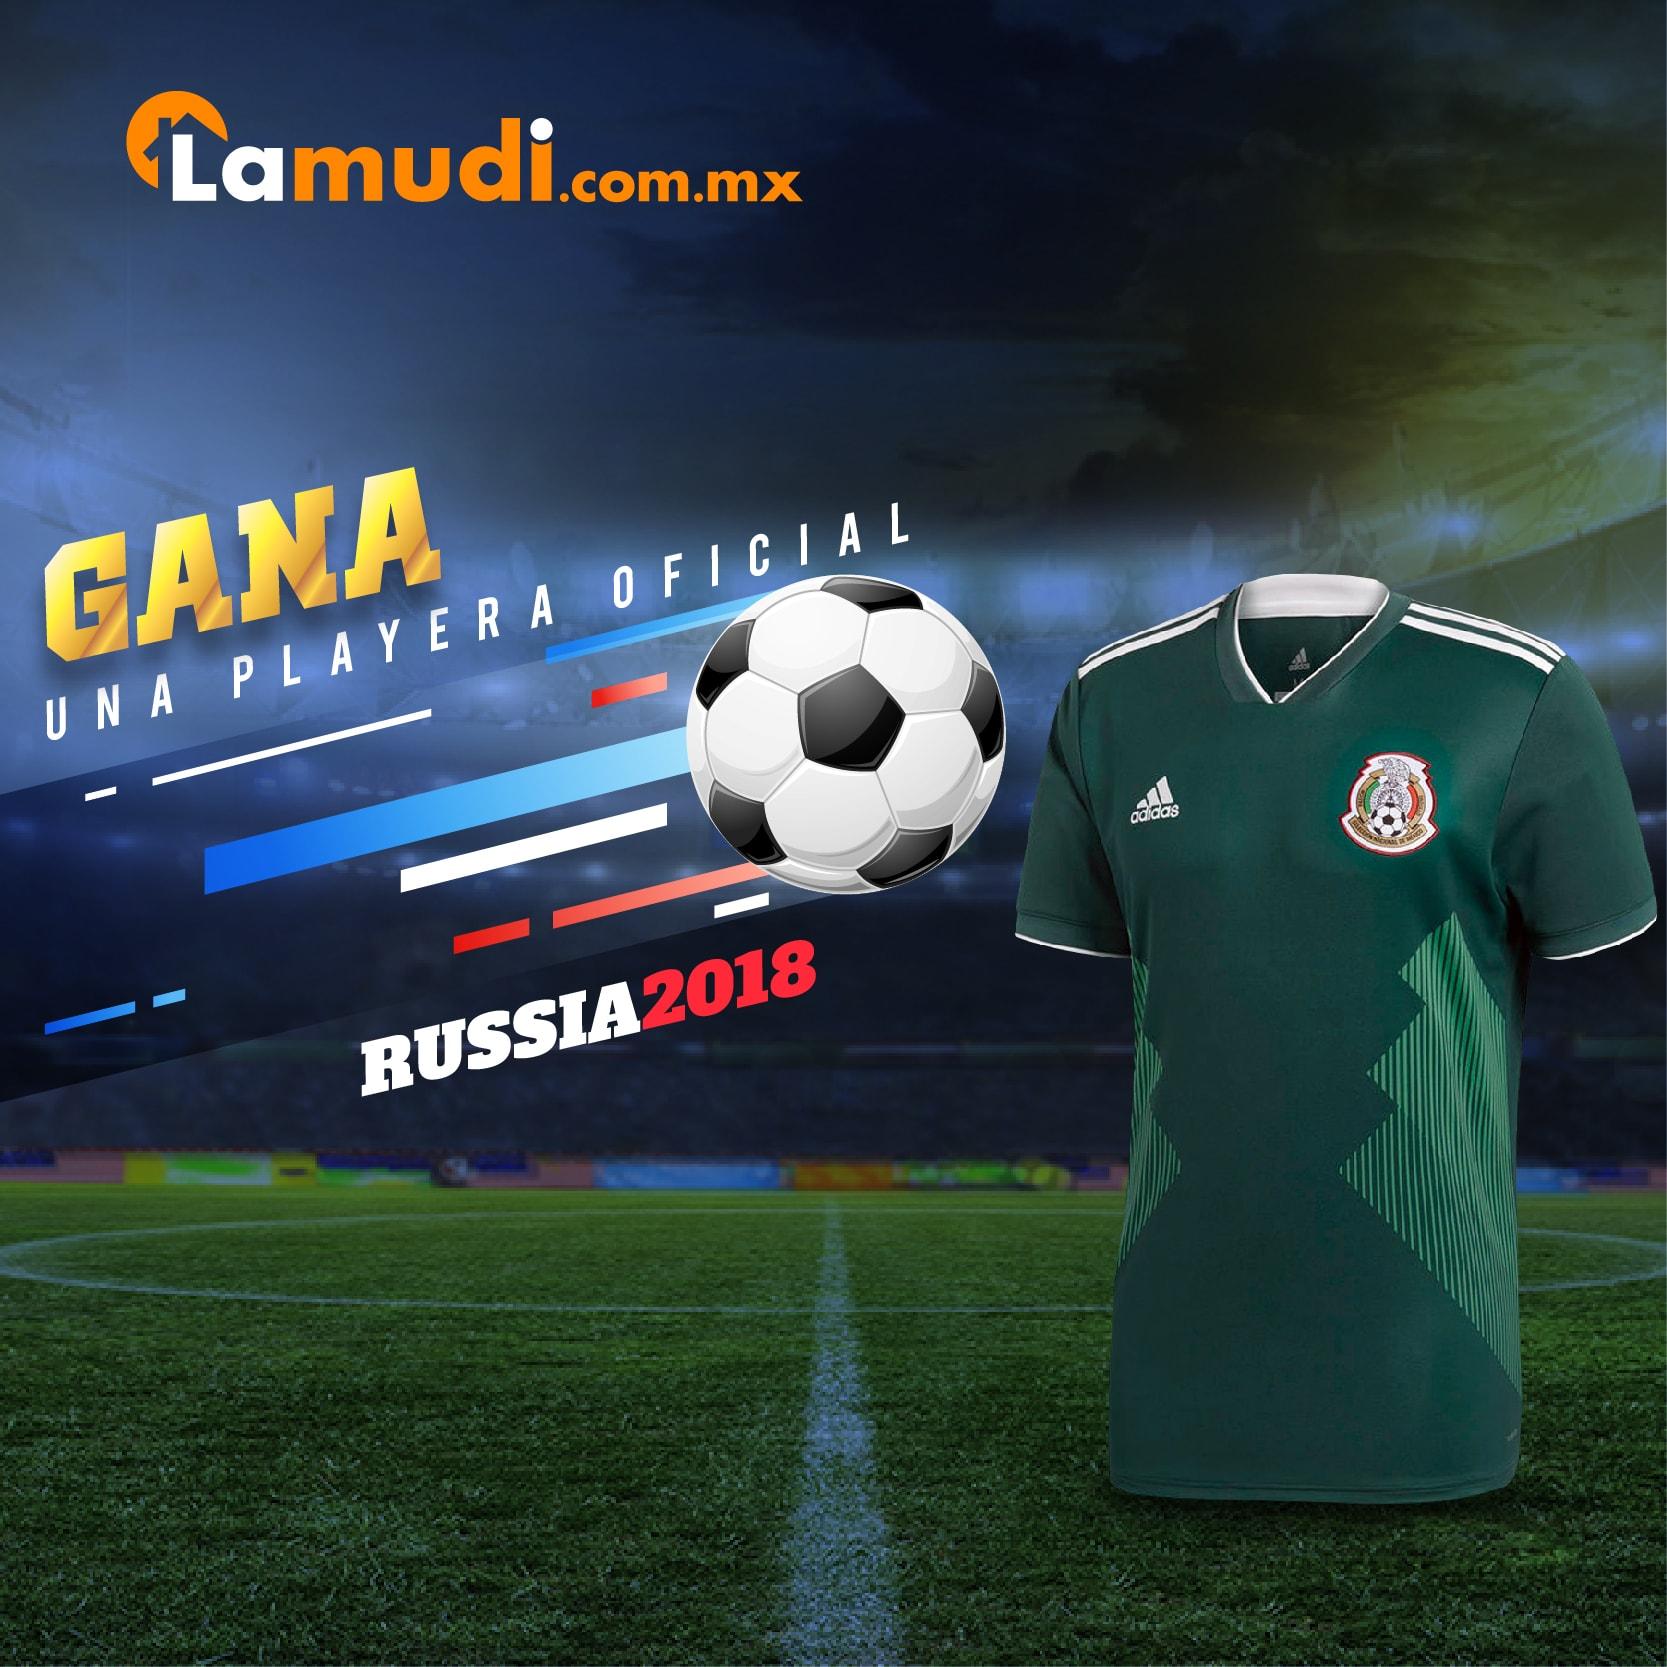 e66e029745b8a ¡Gana una playera de la Selección Nacional del Mundial de Fútbol Rusia 2018!  Lamudi te invita a participar en una sencilla dinámica para ganarte una de  las ...